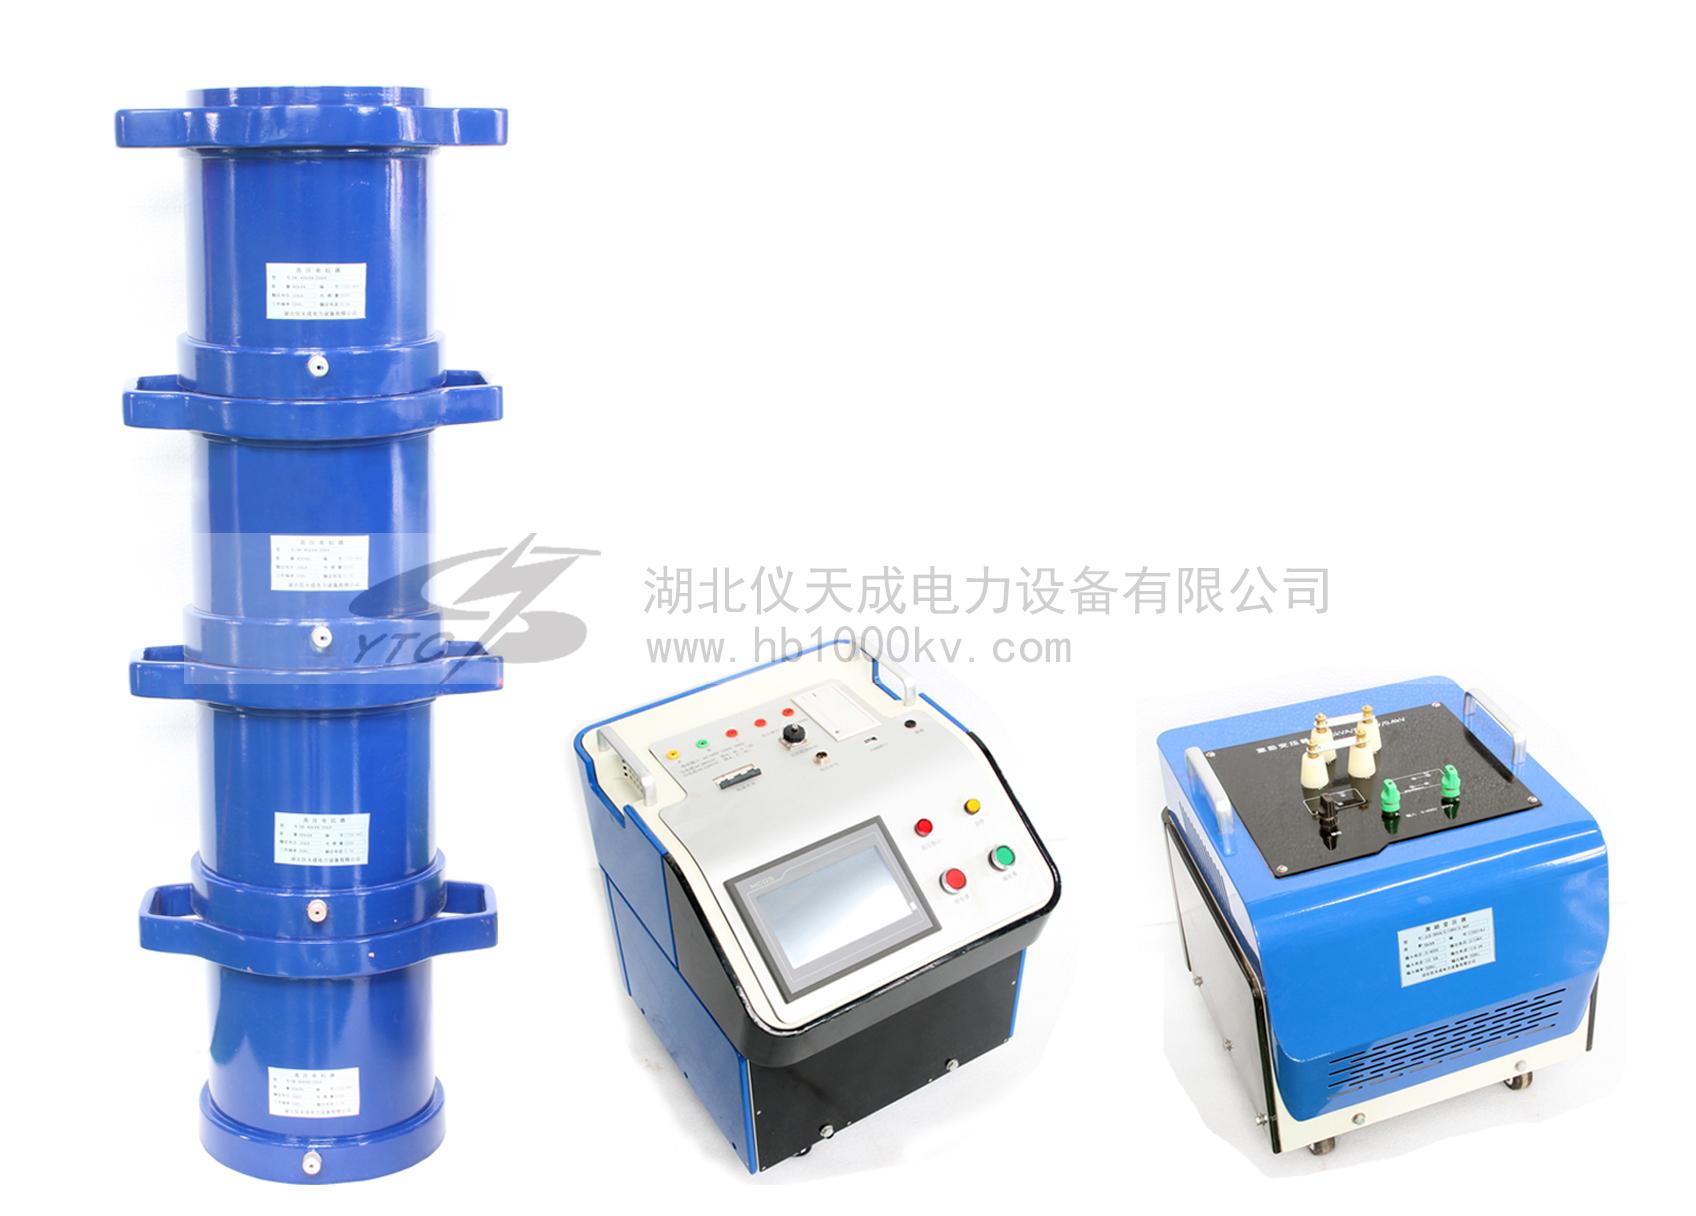 YTC851系列CVT串联谐振检验用升压装置